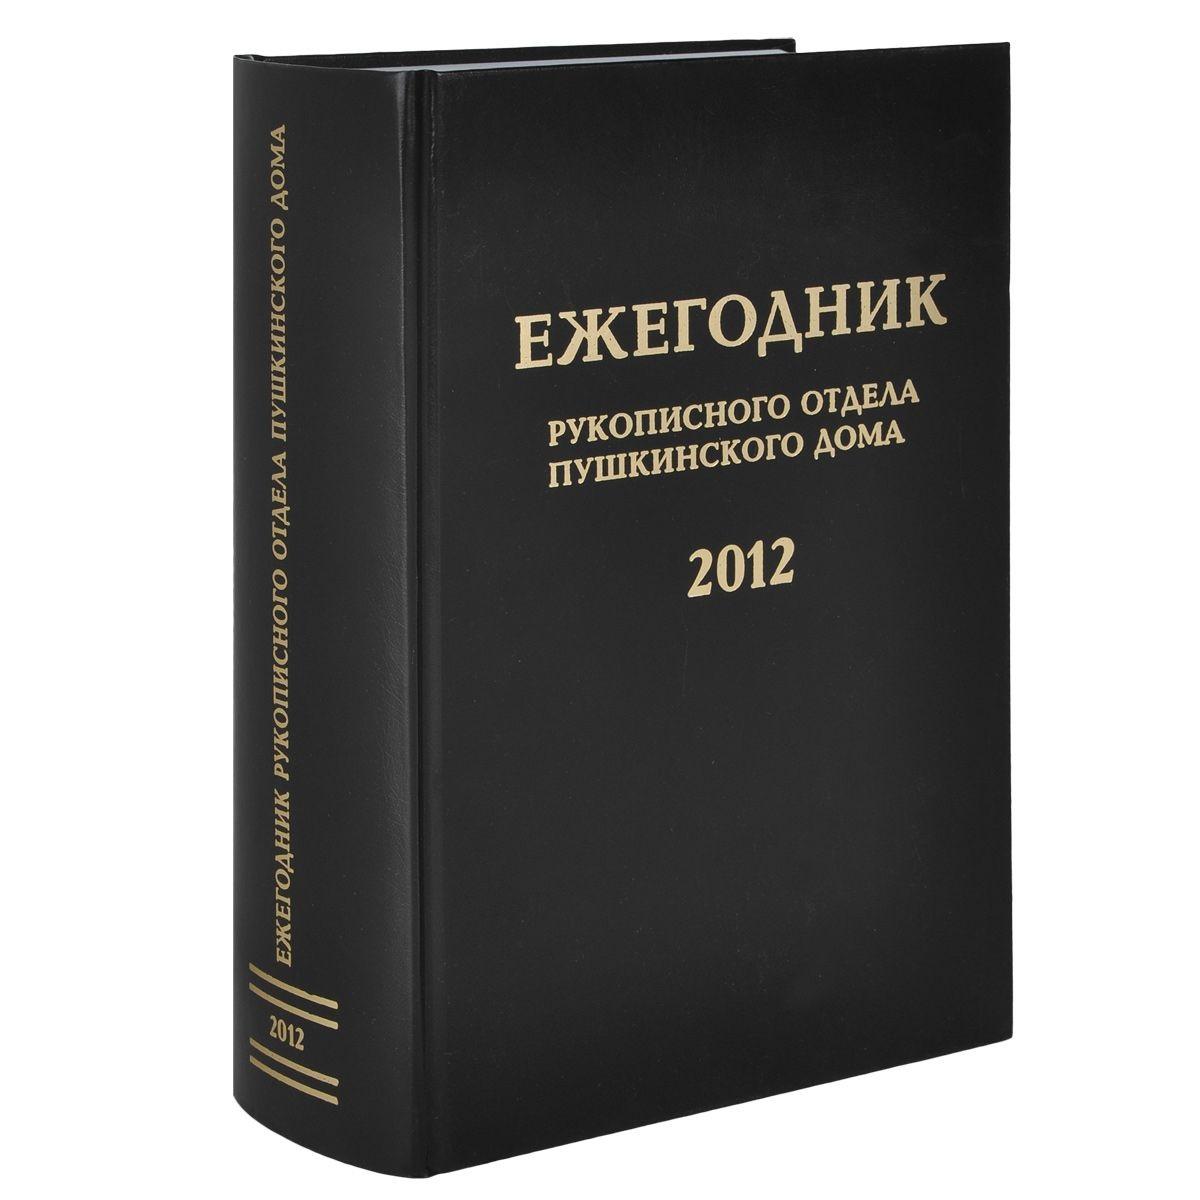 Царькова Т.: Ежегодник Рукописного отдела Пушкинского Дома на 2012 год